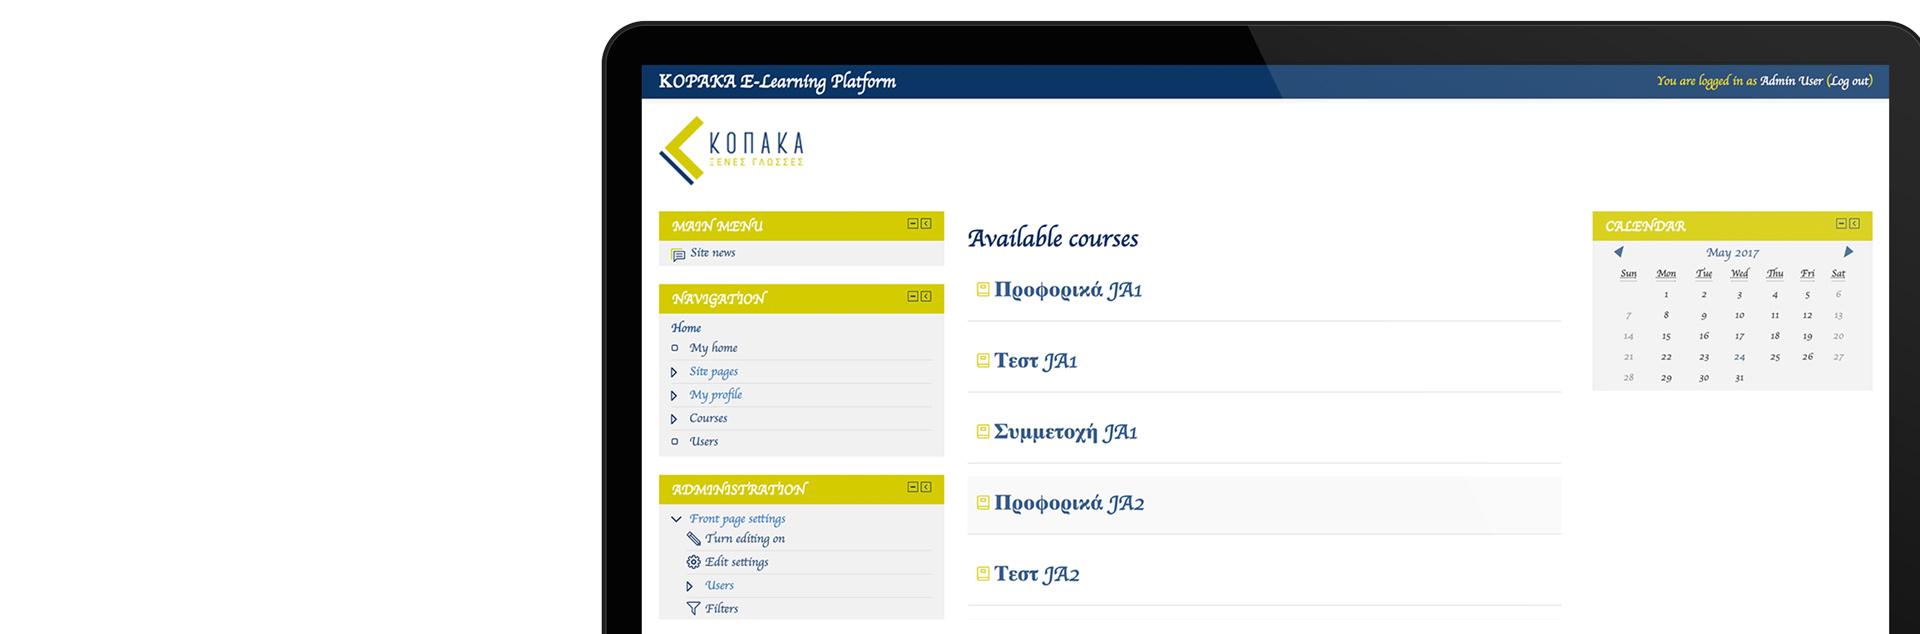 kopaka e-learning platform courses